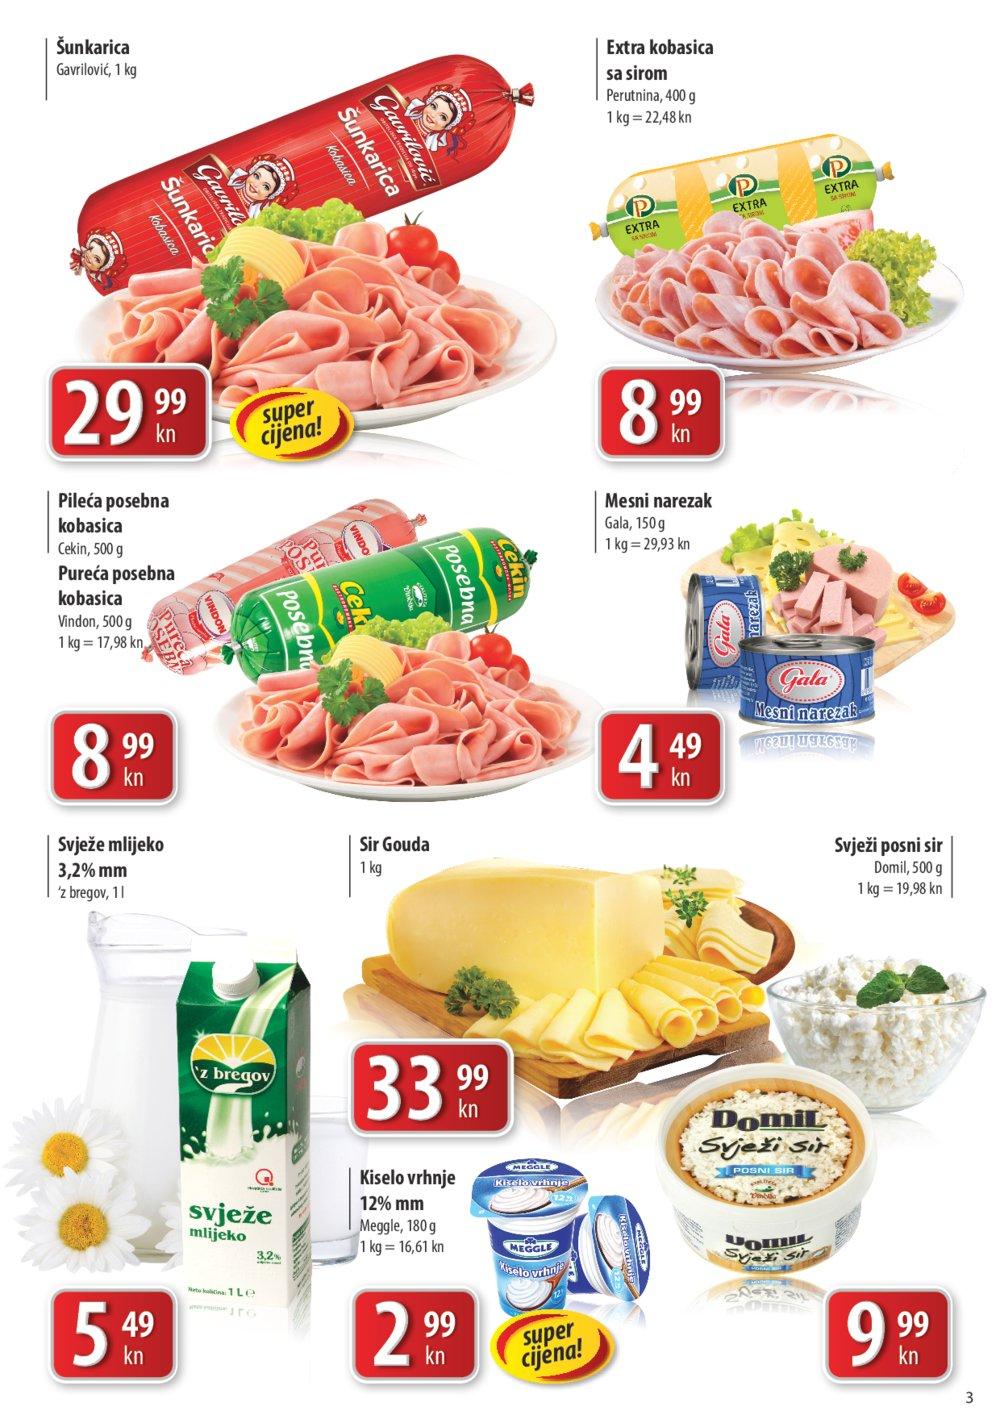 NTL Katalog tjedna super ponuda Istok od 18.05. do 24.05.2017.